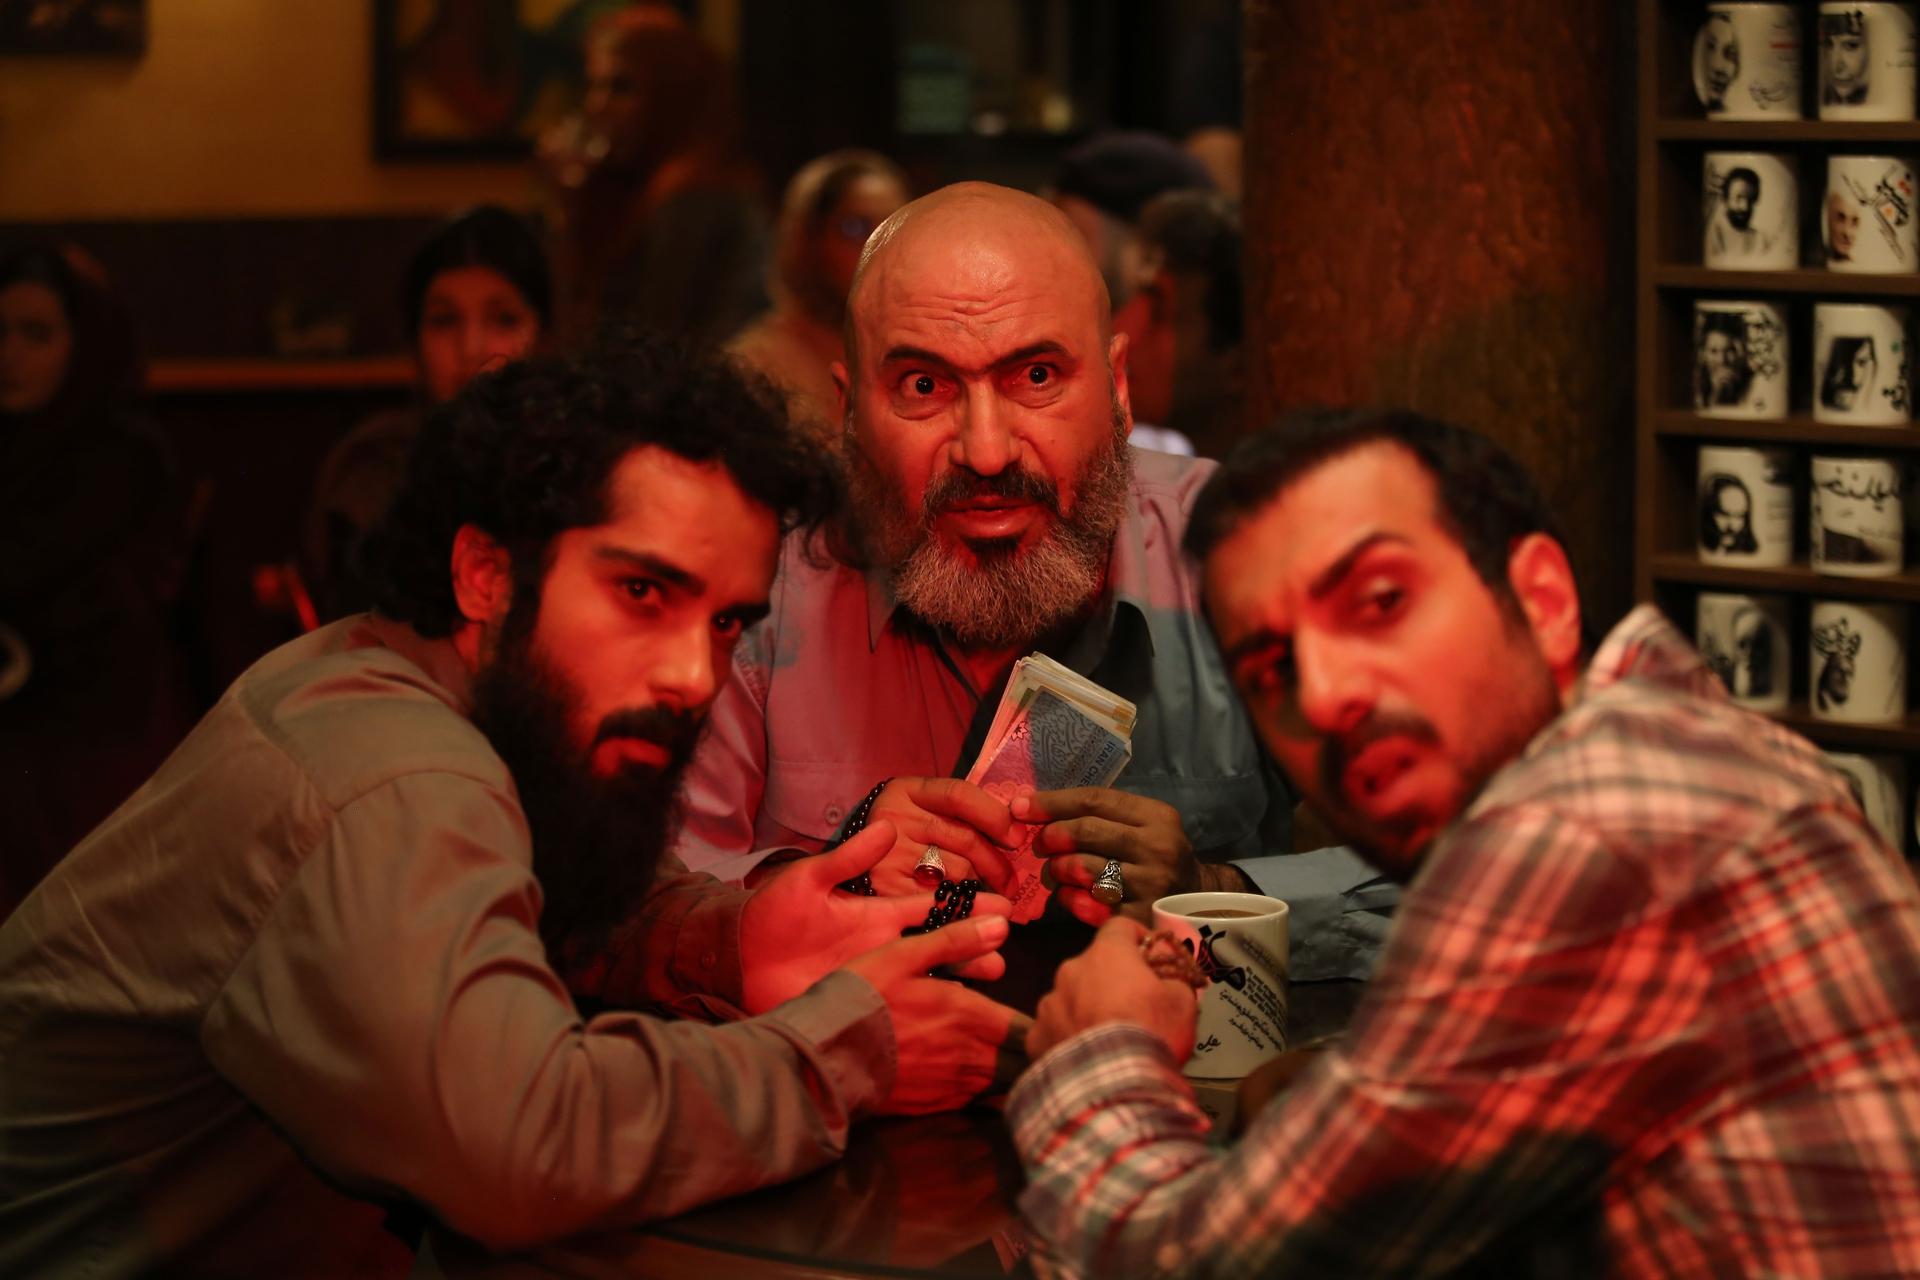 حمید فرخنژاد و ساعد سهیلی در فیلم گشت ارشاد 2